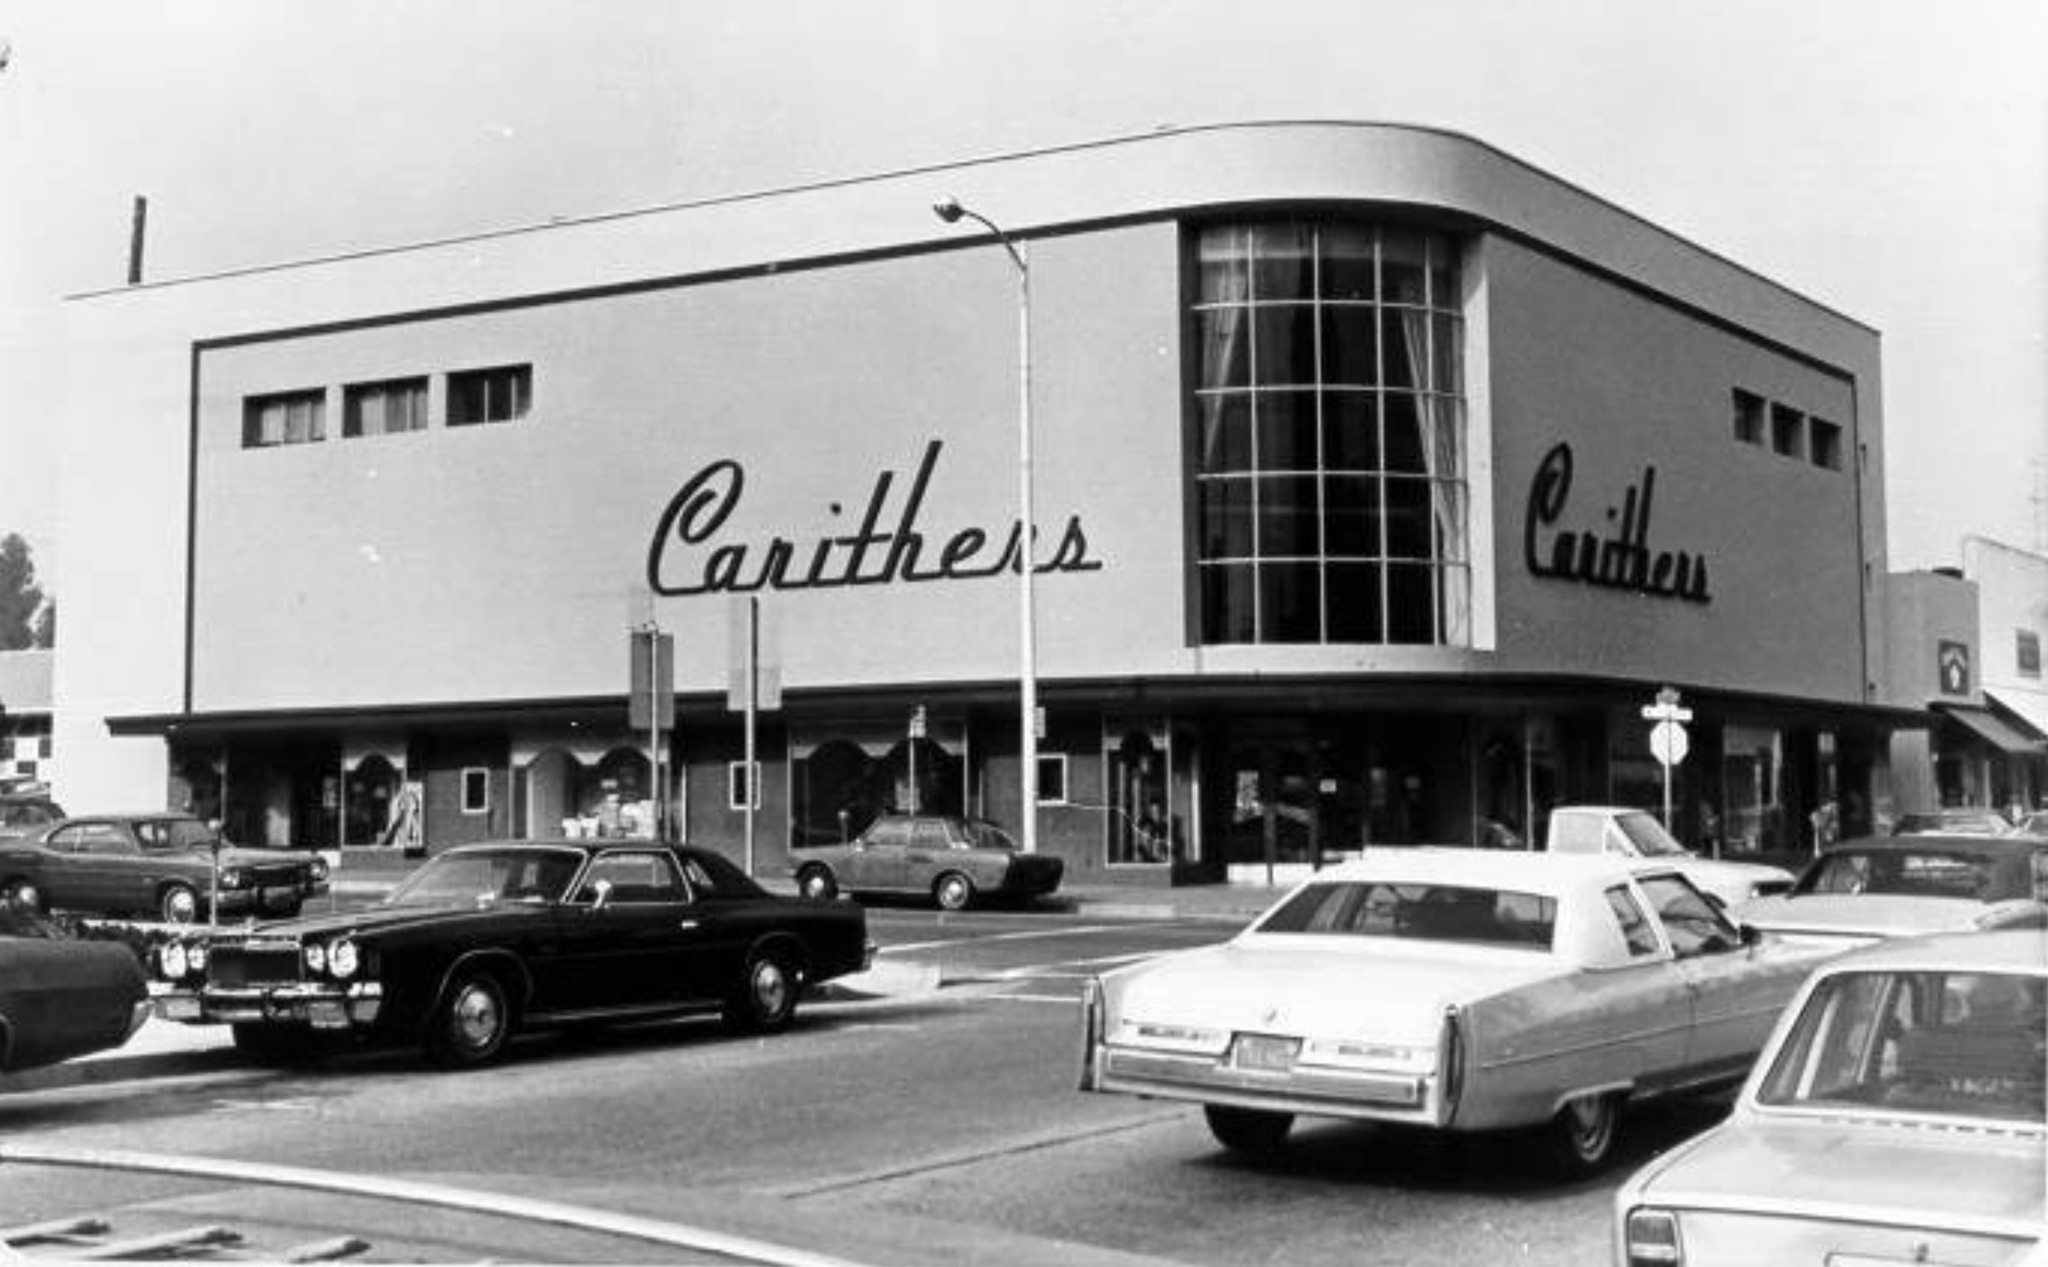 Carithers circa 1960